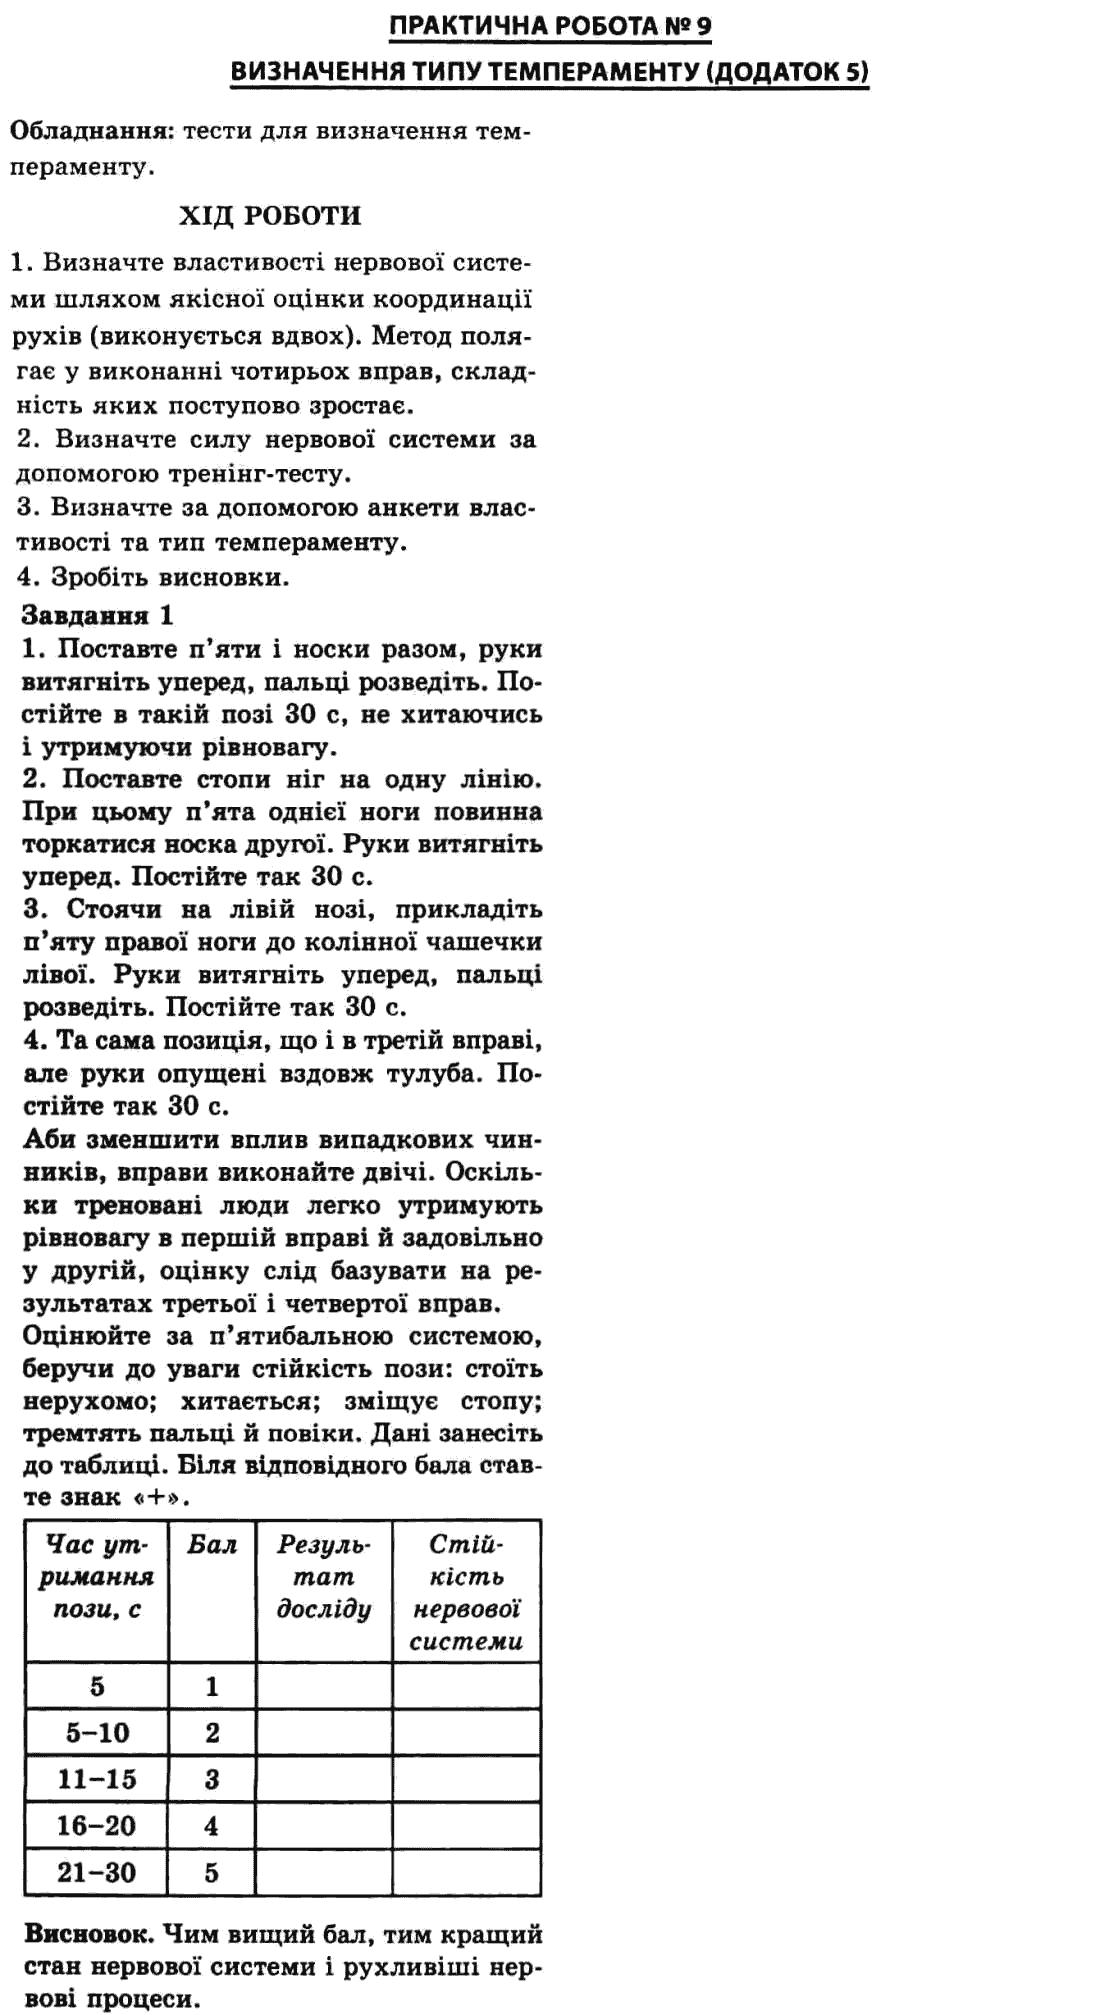 ГДЗ по биологии 9 класс Н.Ю. Матяш, М.Н. Шабатура Практичні роботи. Задание: № 9_1. Визначення типу темпераменту